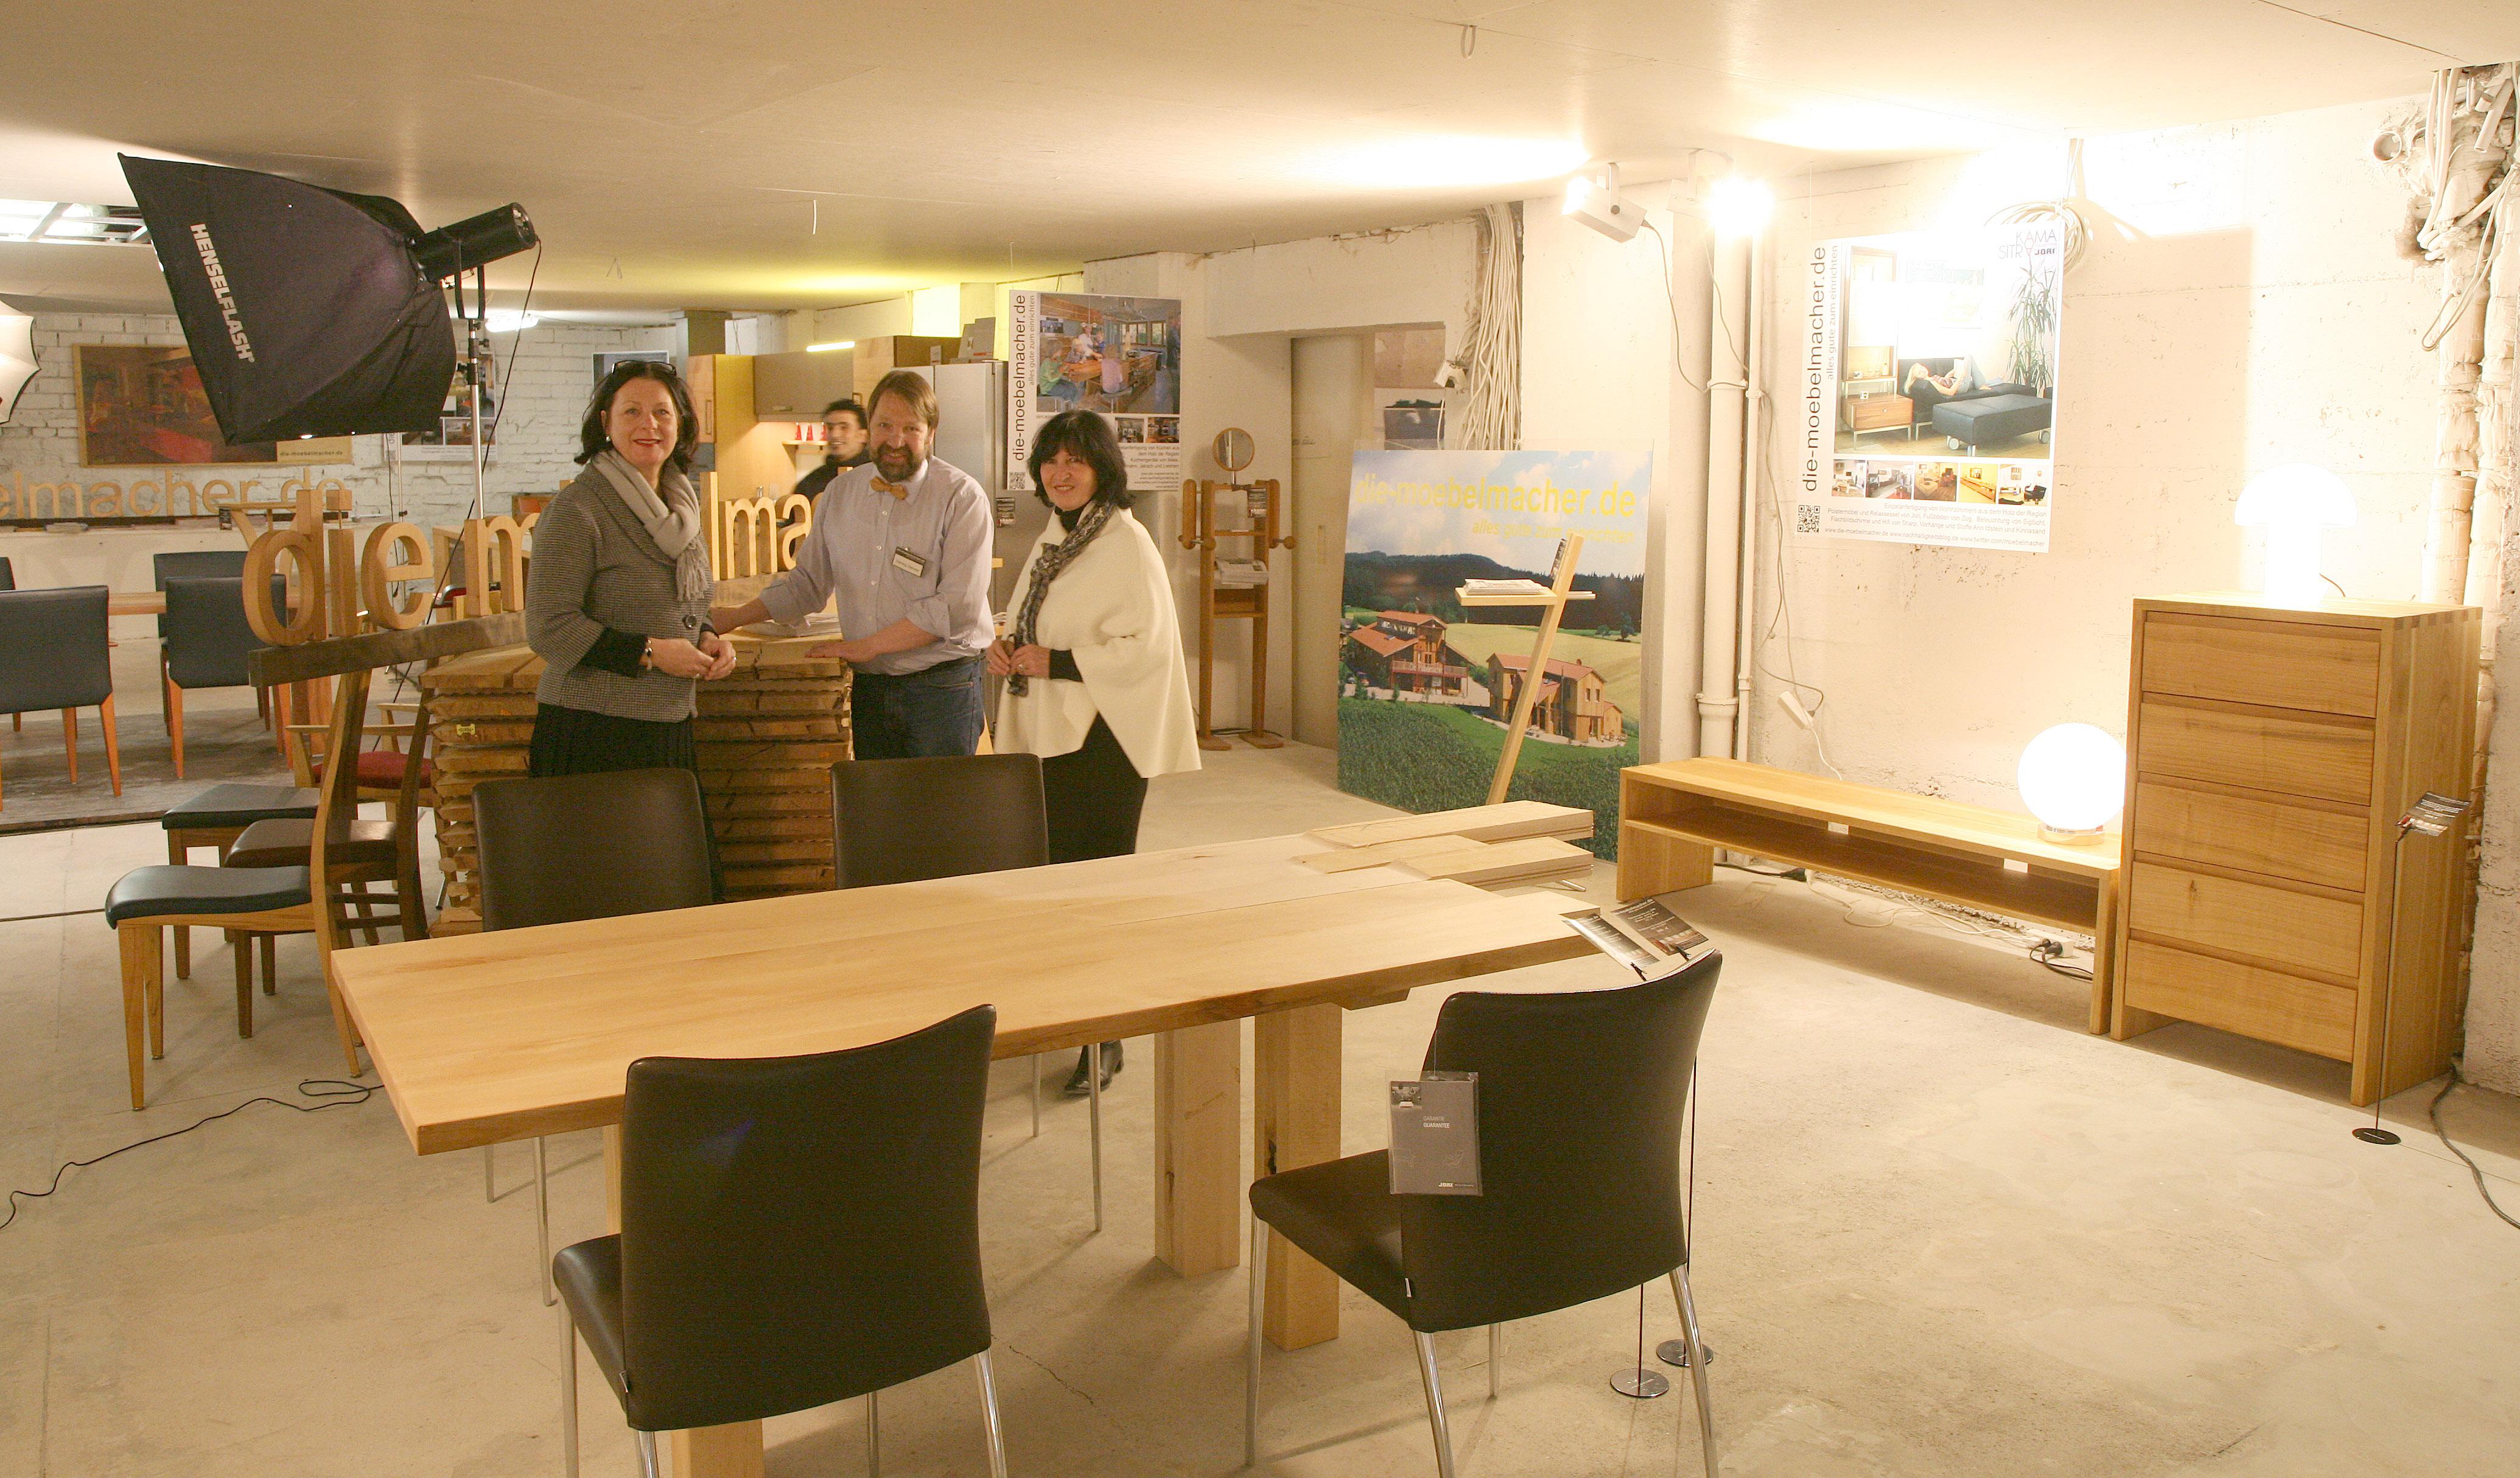 Die Möbelmacher rohbauexklusiv die möbelmacher beteiligen sich an kunstausstellung